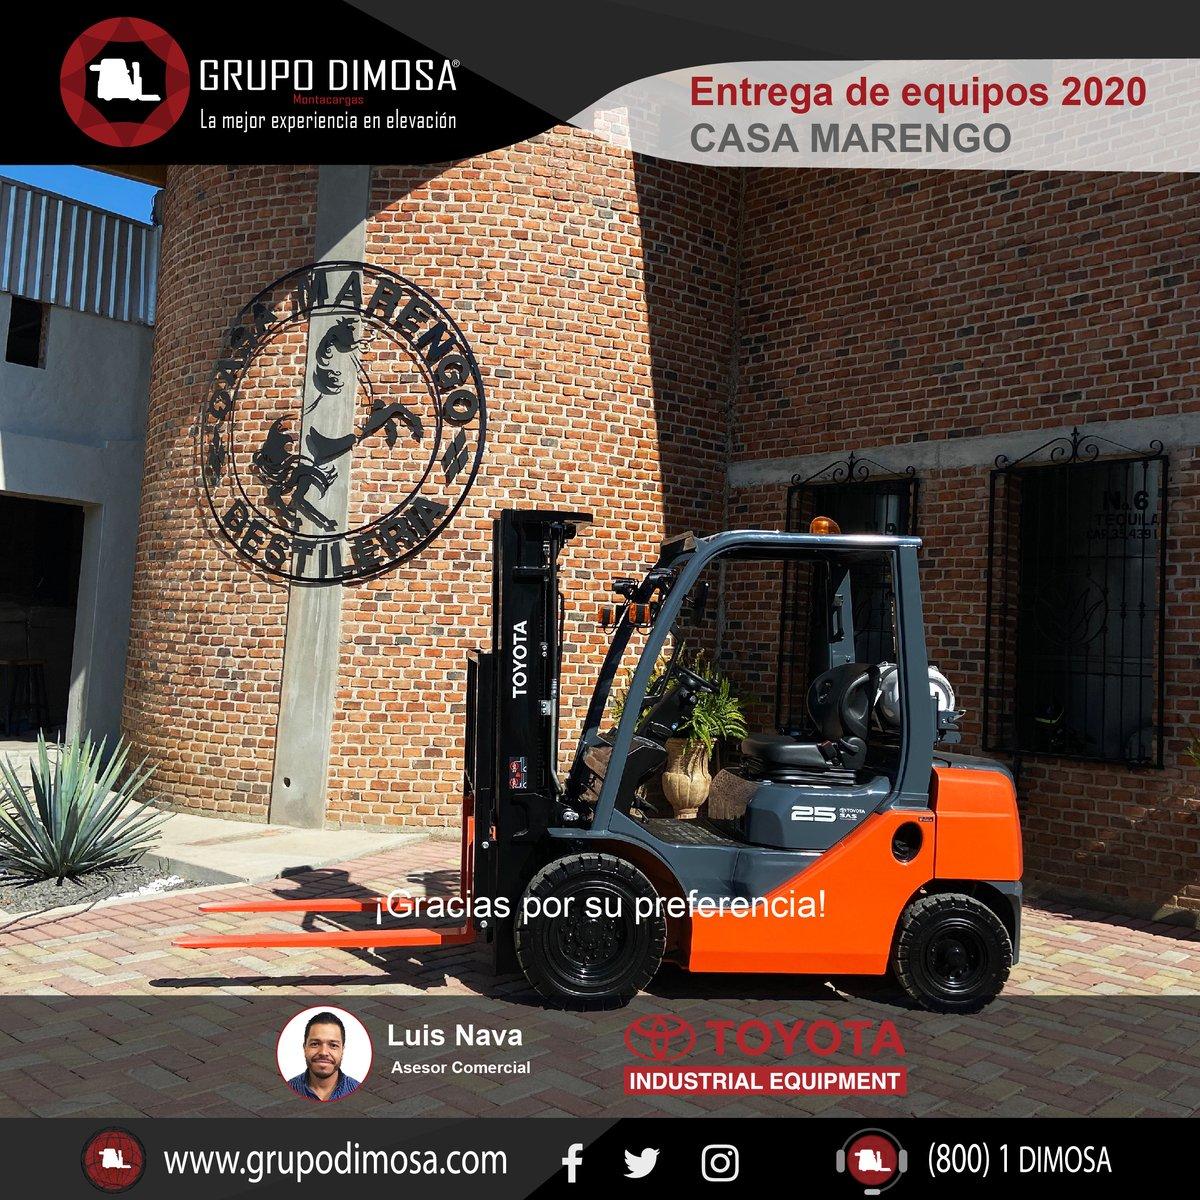 Entrega de equipo Toyota 328FG25  ¡Gracias por su confianza Destilería Casa Marengo, Tequila González Lara!  ¡Nos sentimos orgullosos del #grantrabajo realizado por nuestra asesor comercial Luis Nava!  ¡Contáctanos! 🌐 📲(33) 38102002